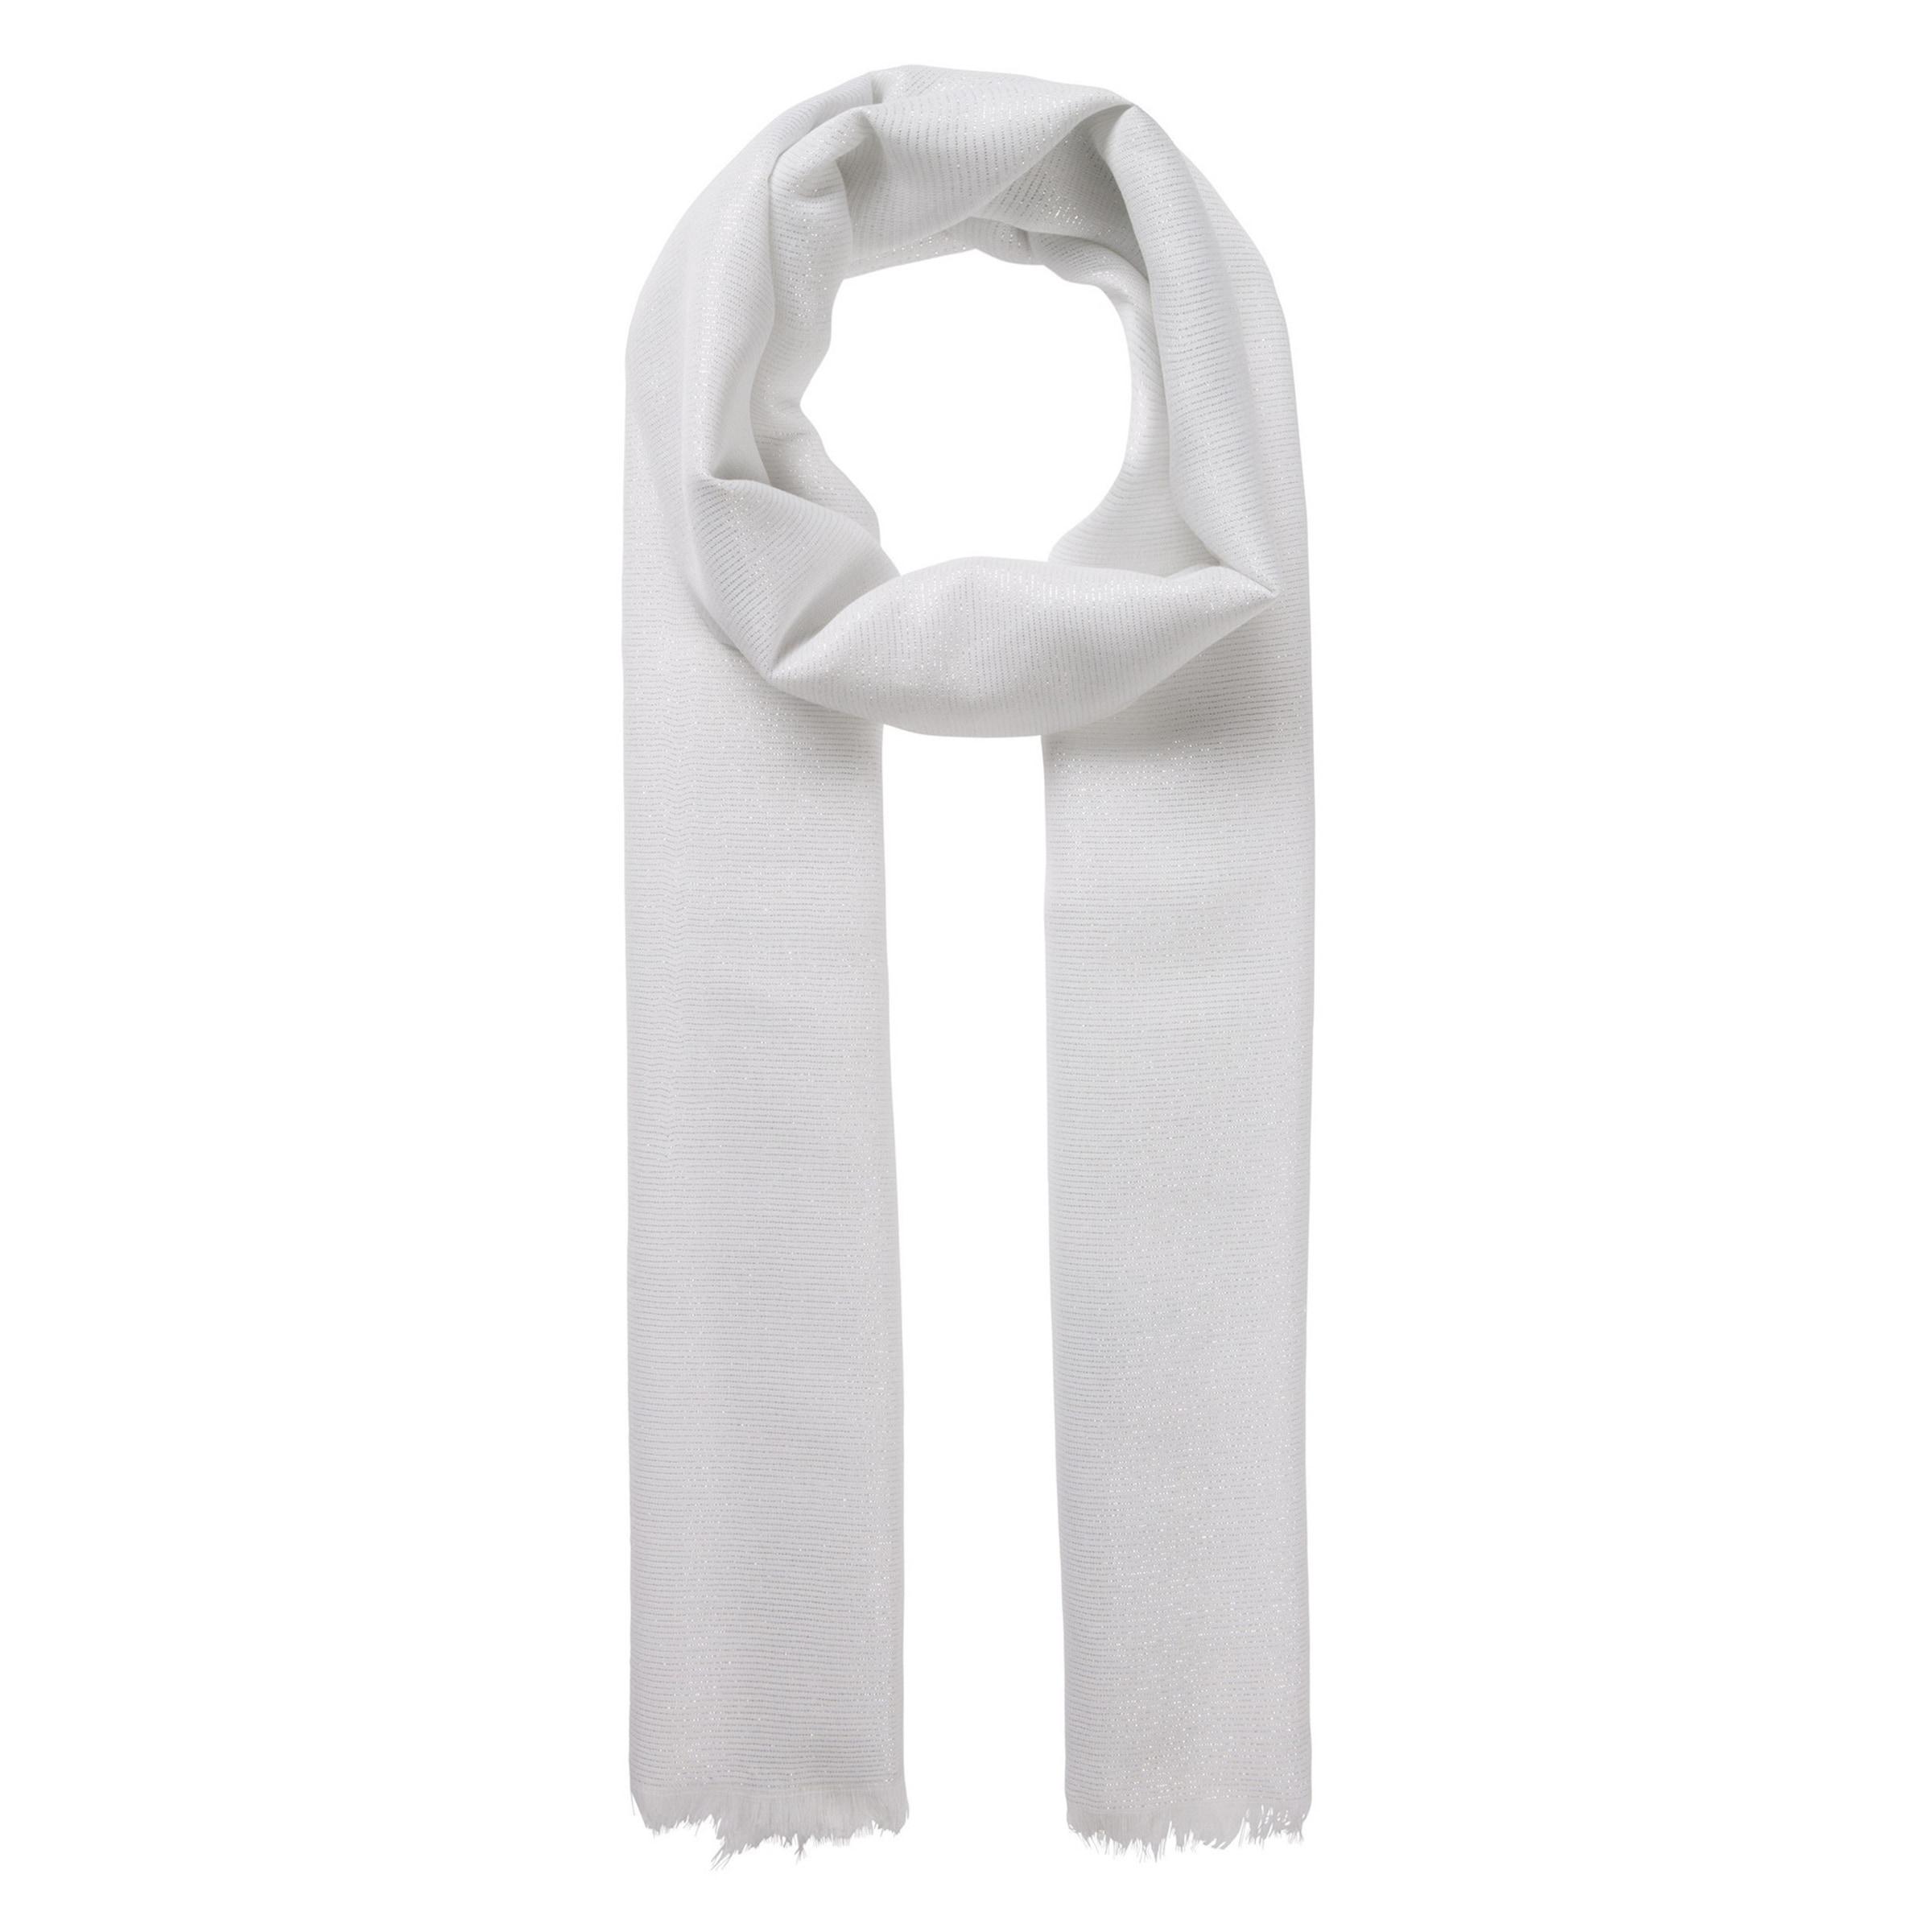 CODELLO Schal aus Lurex-Stoff Verkauf In Mode Billige Usa Händler Freies Verschiffen Ebay ruRXh4R